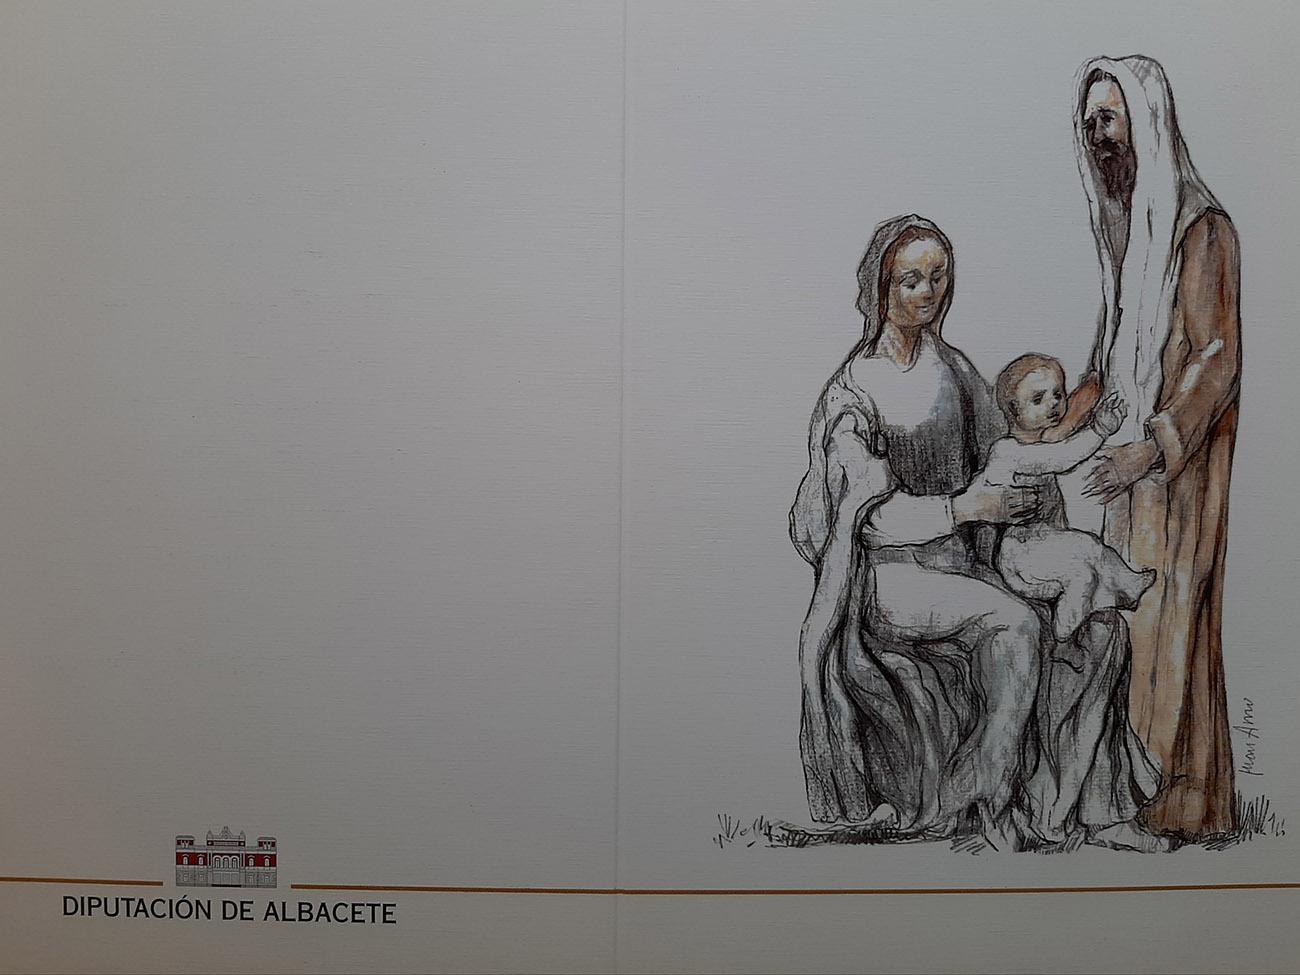 Juan Amo. (1998). Felicitación Navidad. Diputación de Albacete.